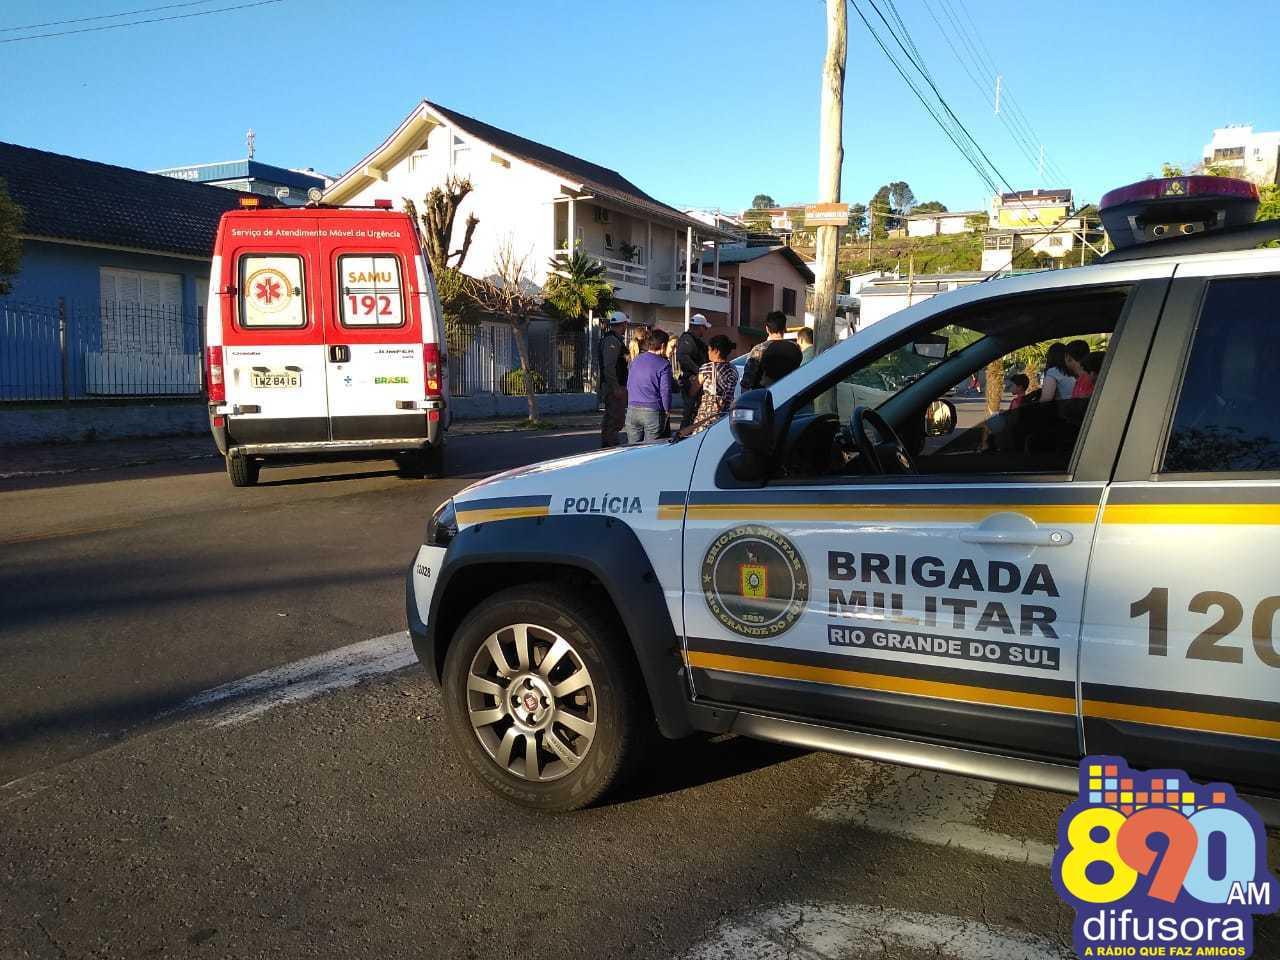 Menina é atingida por veículo em atropelamento no Licorsul em Bento